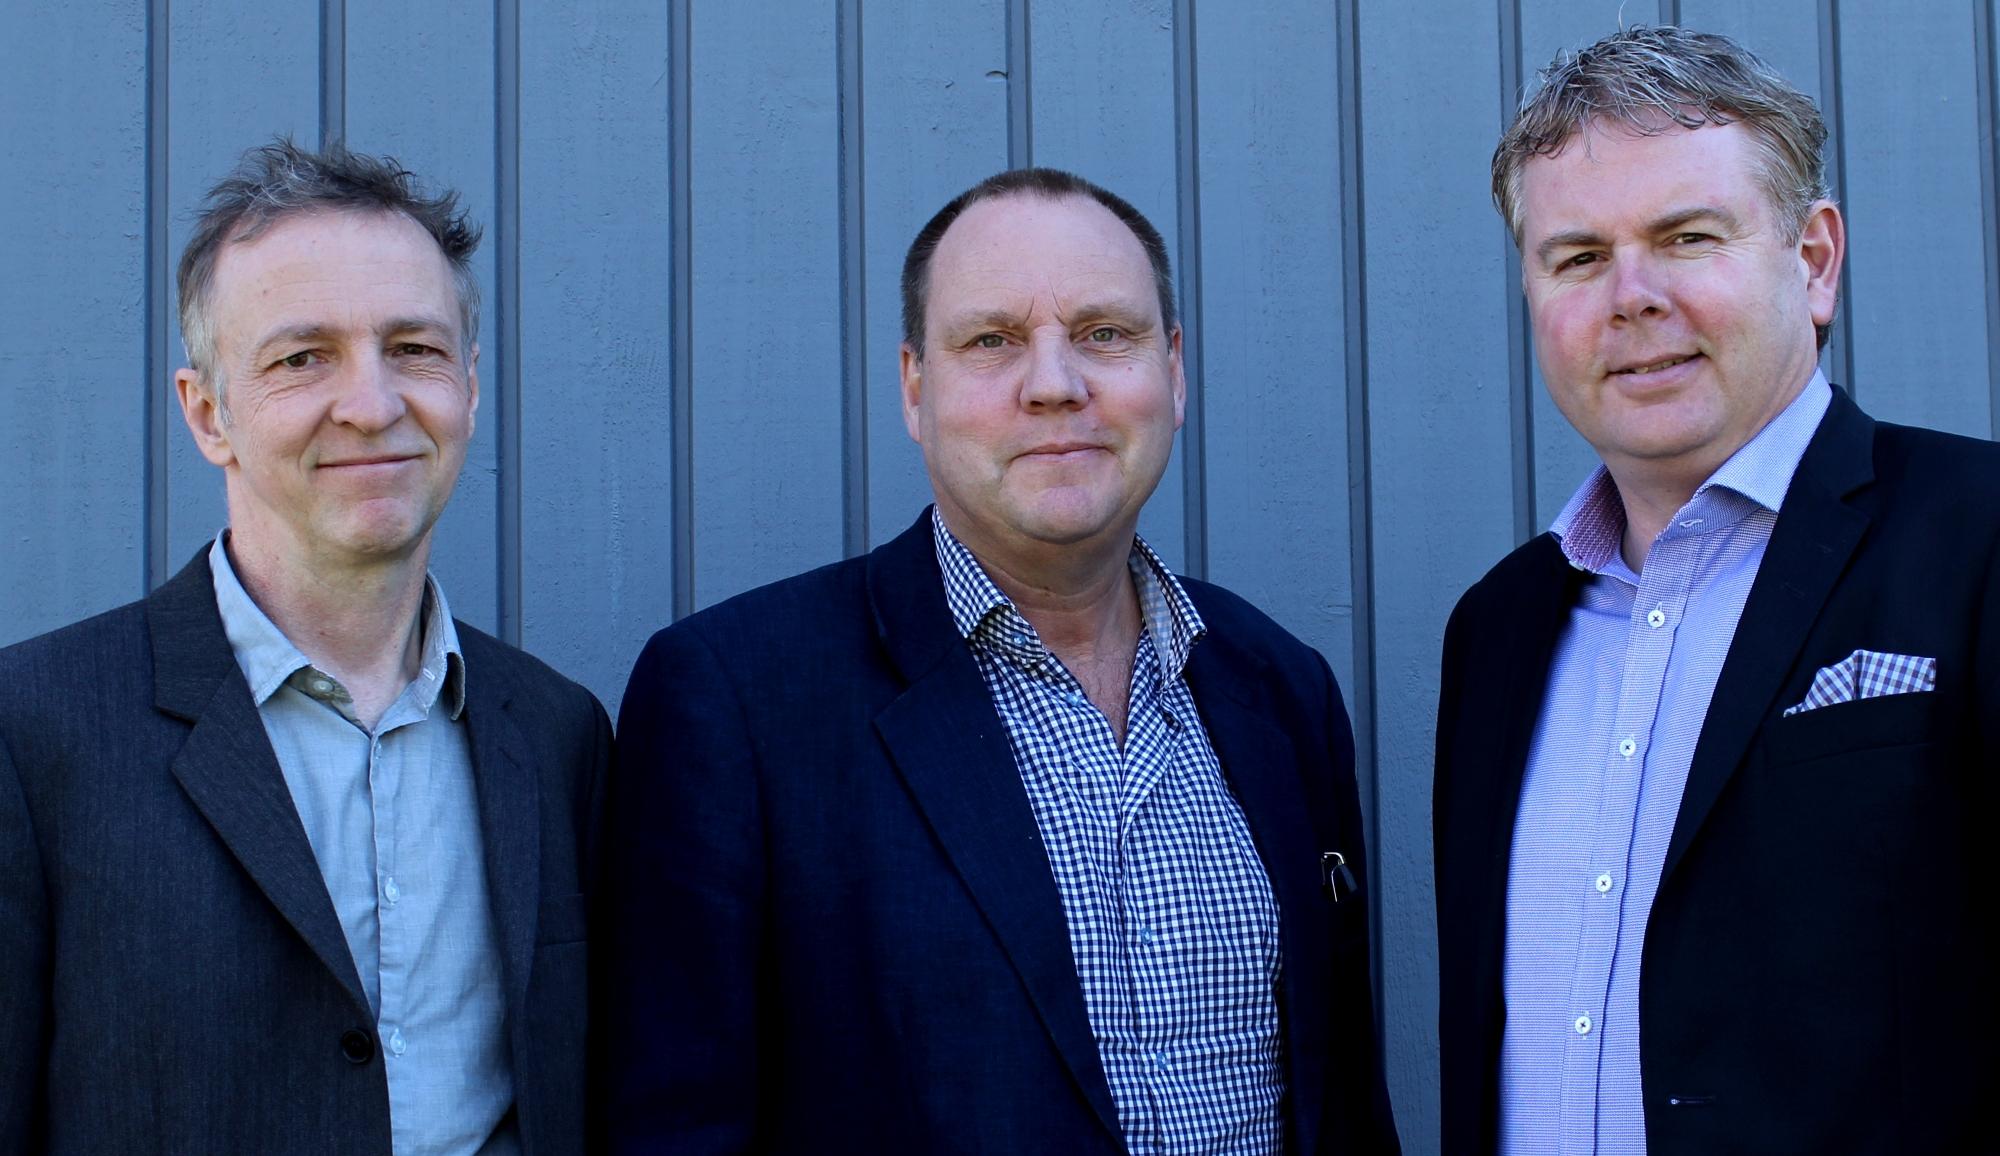 Mats Cato, Hans Hellberg och Ove Nordqvist.